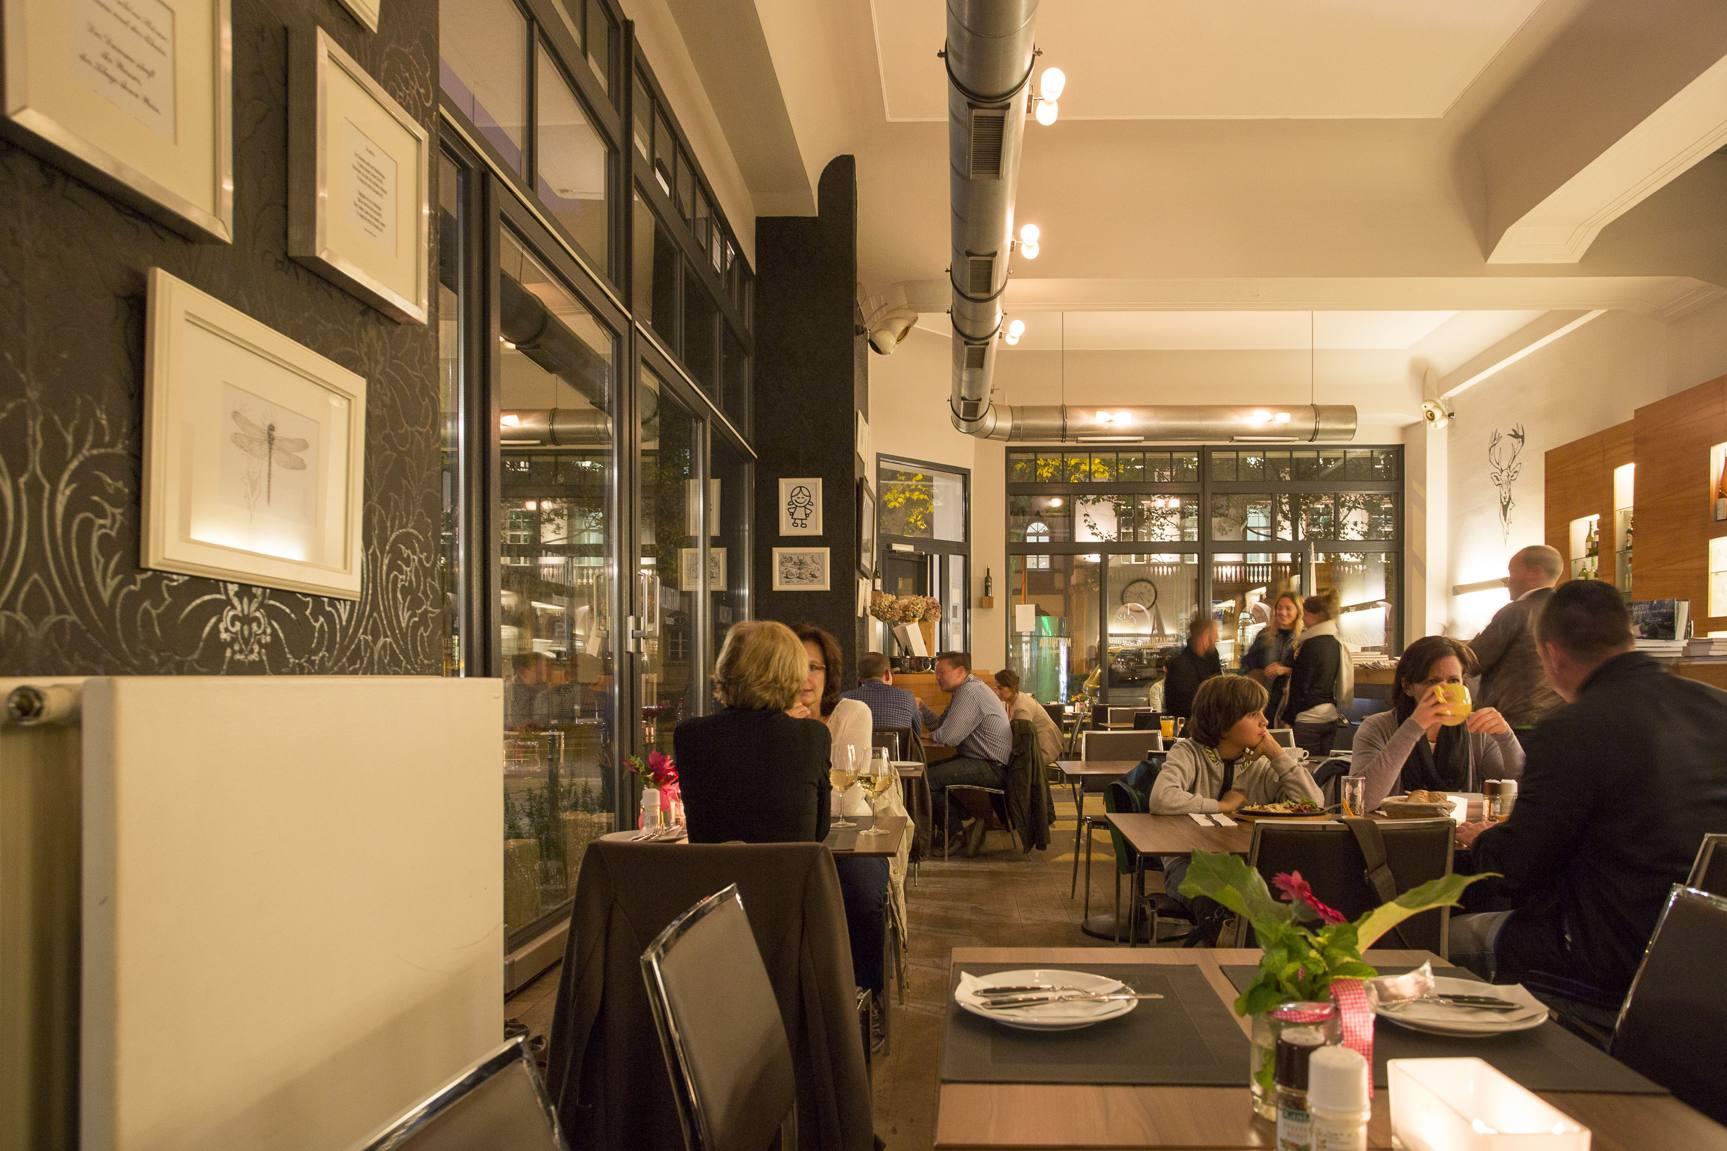 Restaurant des Monats: Mathilda Restaurant & WeinBar, Luisenstraße 2 ...